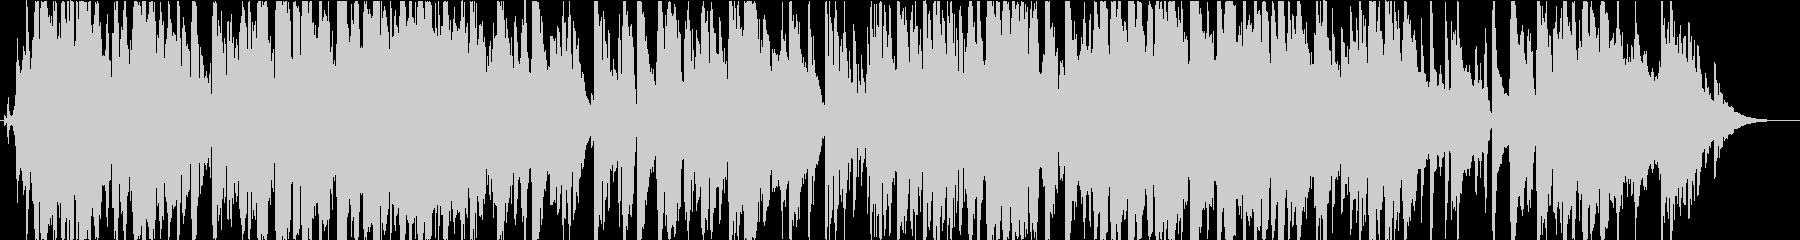 アドリヴサックスを自由に奏でるジャズの未再生の波形